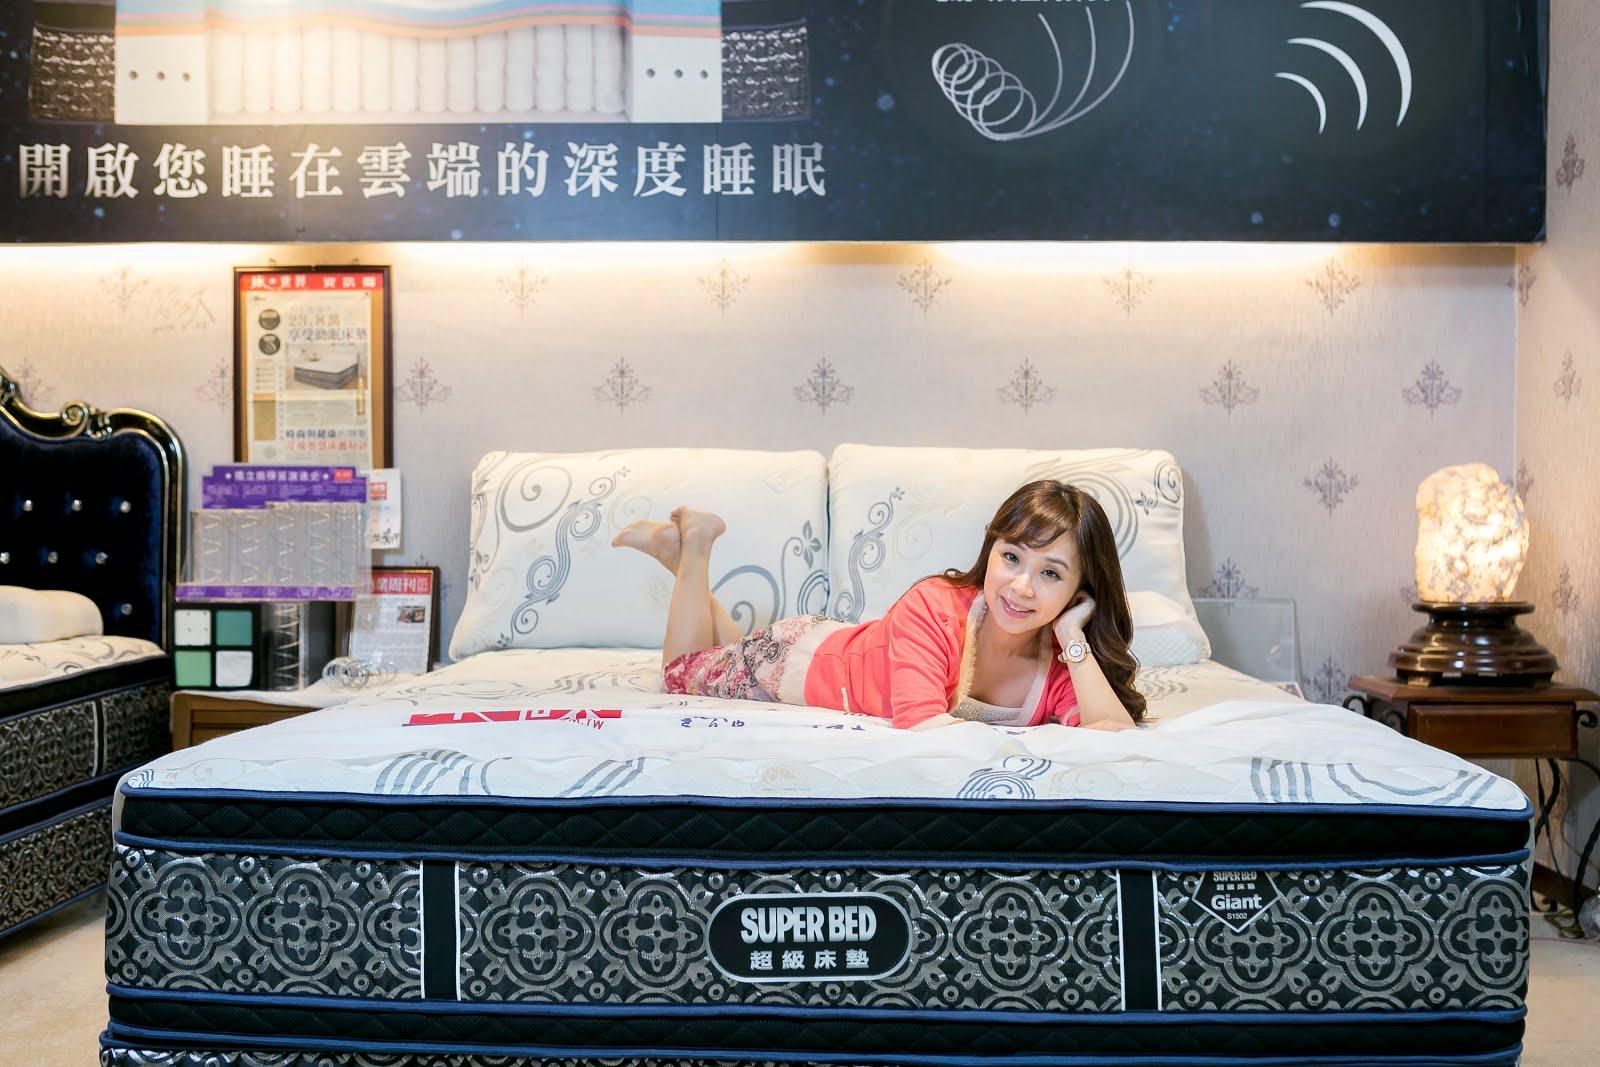 Bedding-world_dj%25E7%2590%25A6%25E7%2590%25A6_wwwhostkikicom_%25E8%25B6%2585%25E7%25B4%259A%25E5%25BA%258A%25E5%25A2%258A.jpg-天天享受睡眠SPA | 席夢思兩萬有找 走一趟床的世界 選張好床吧